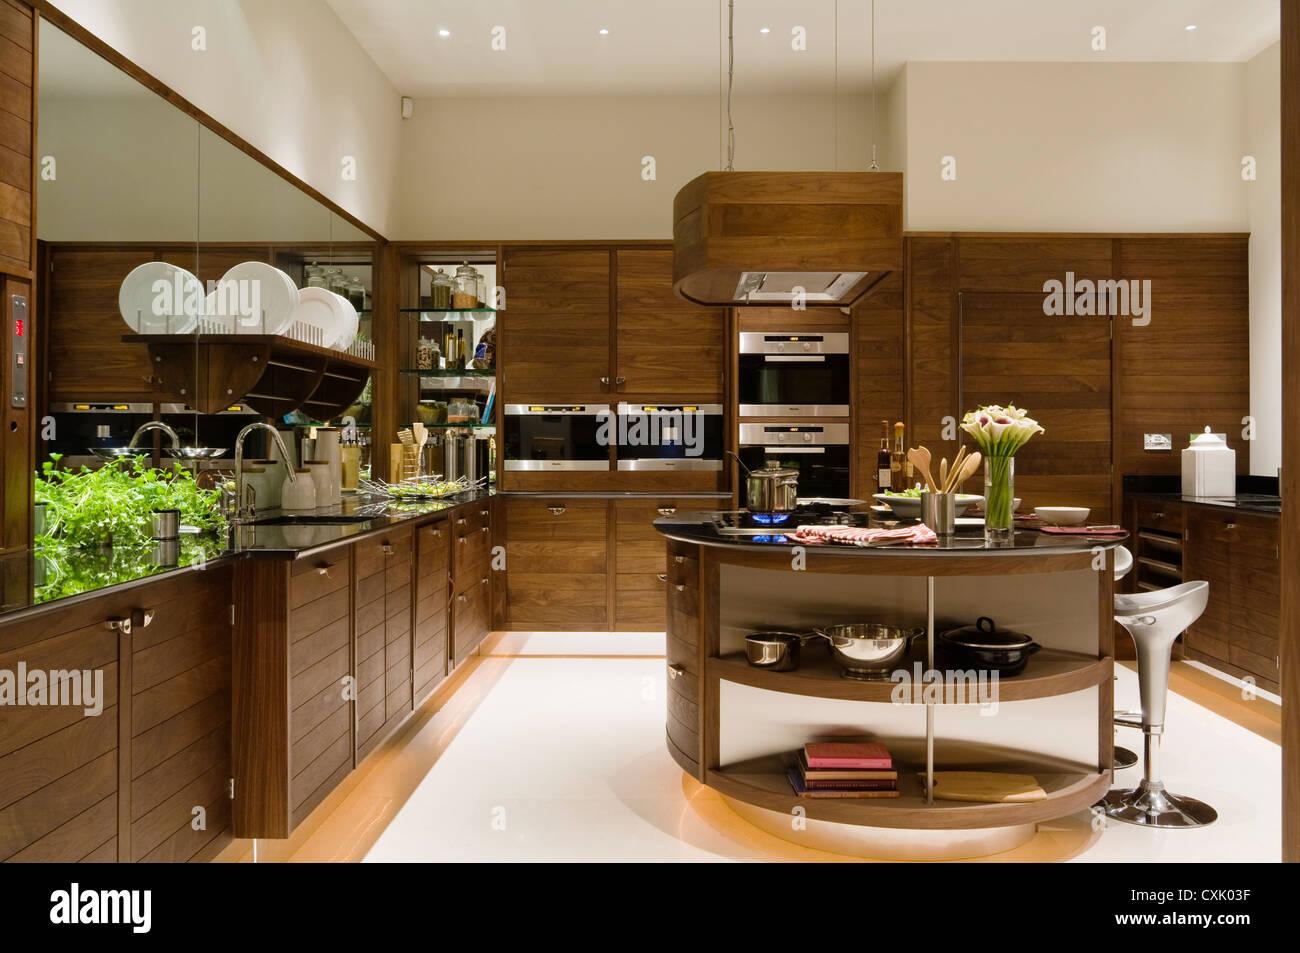 Arm Rio De Cozinha Interior Dia Cor Bancada Da Placa Da Placa De